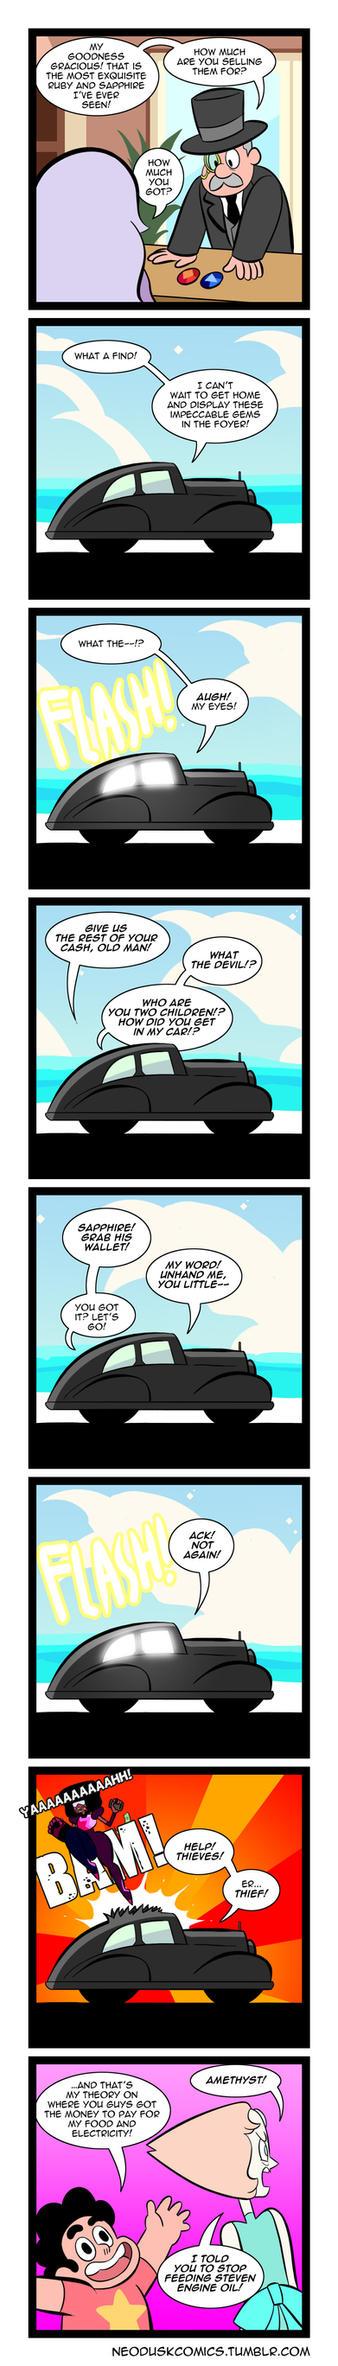 Steven Universe: Foe Gemstones by Neodusk